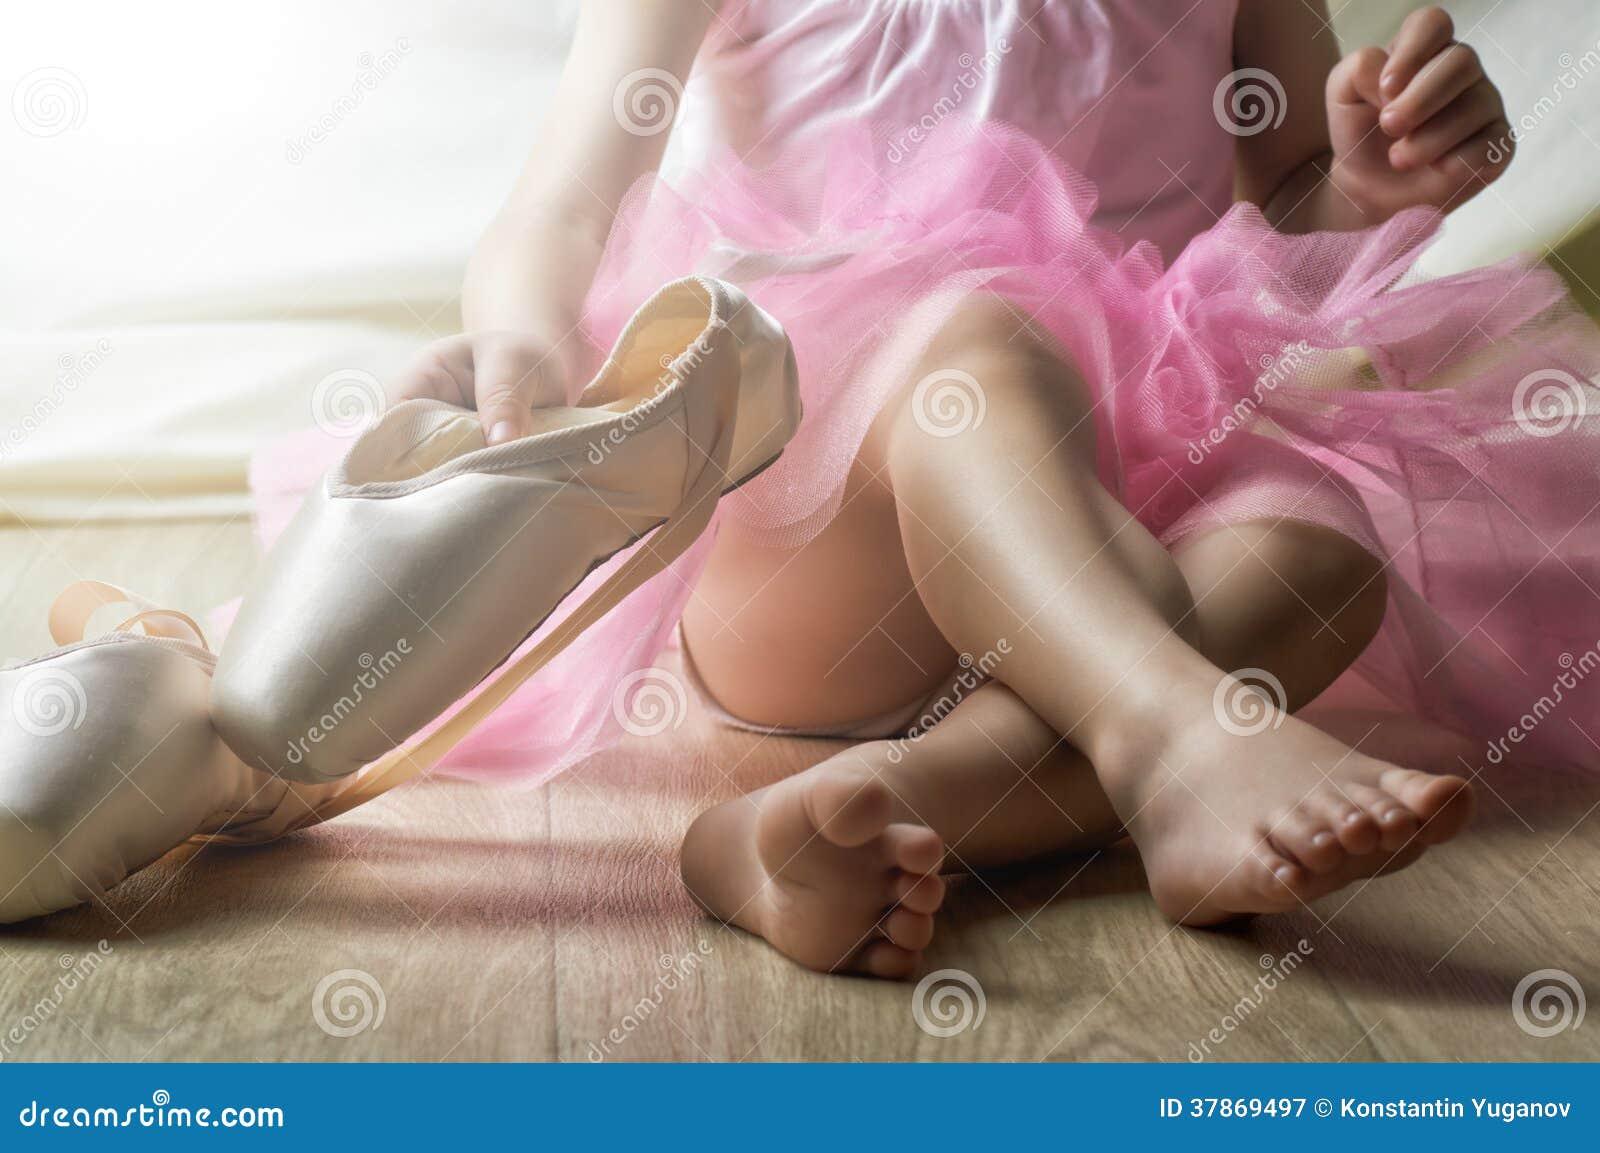 Фото маленька девочка и ее пися, Девочка созрела? Самые скандальные фотосессии юных 27 фотография